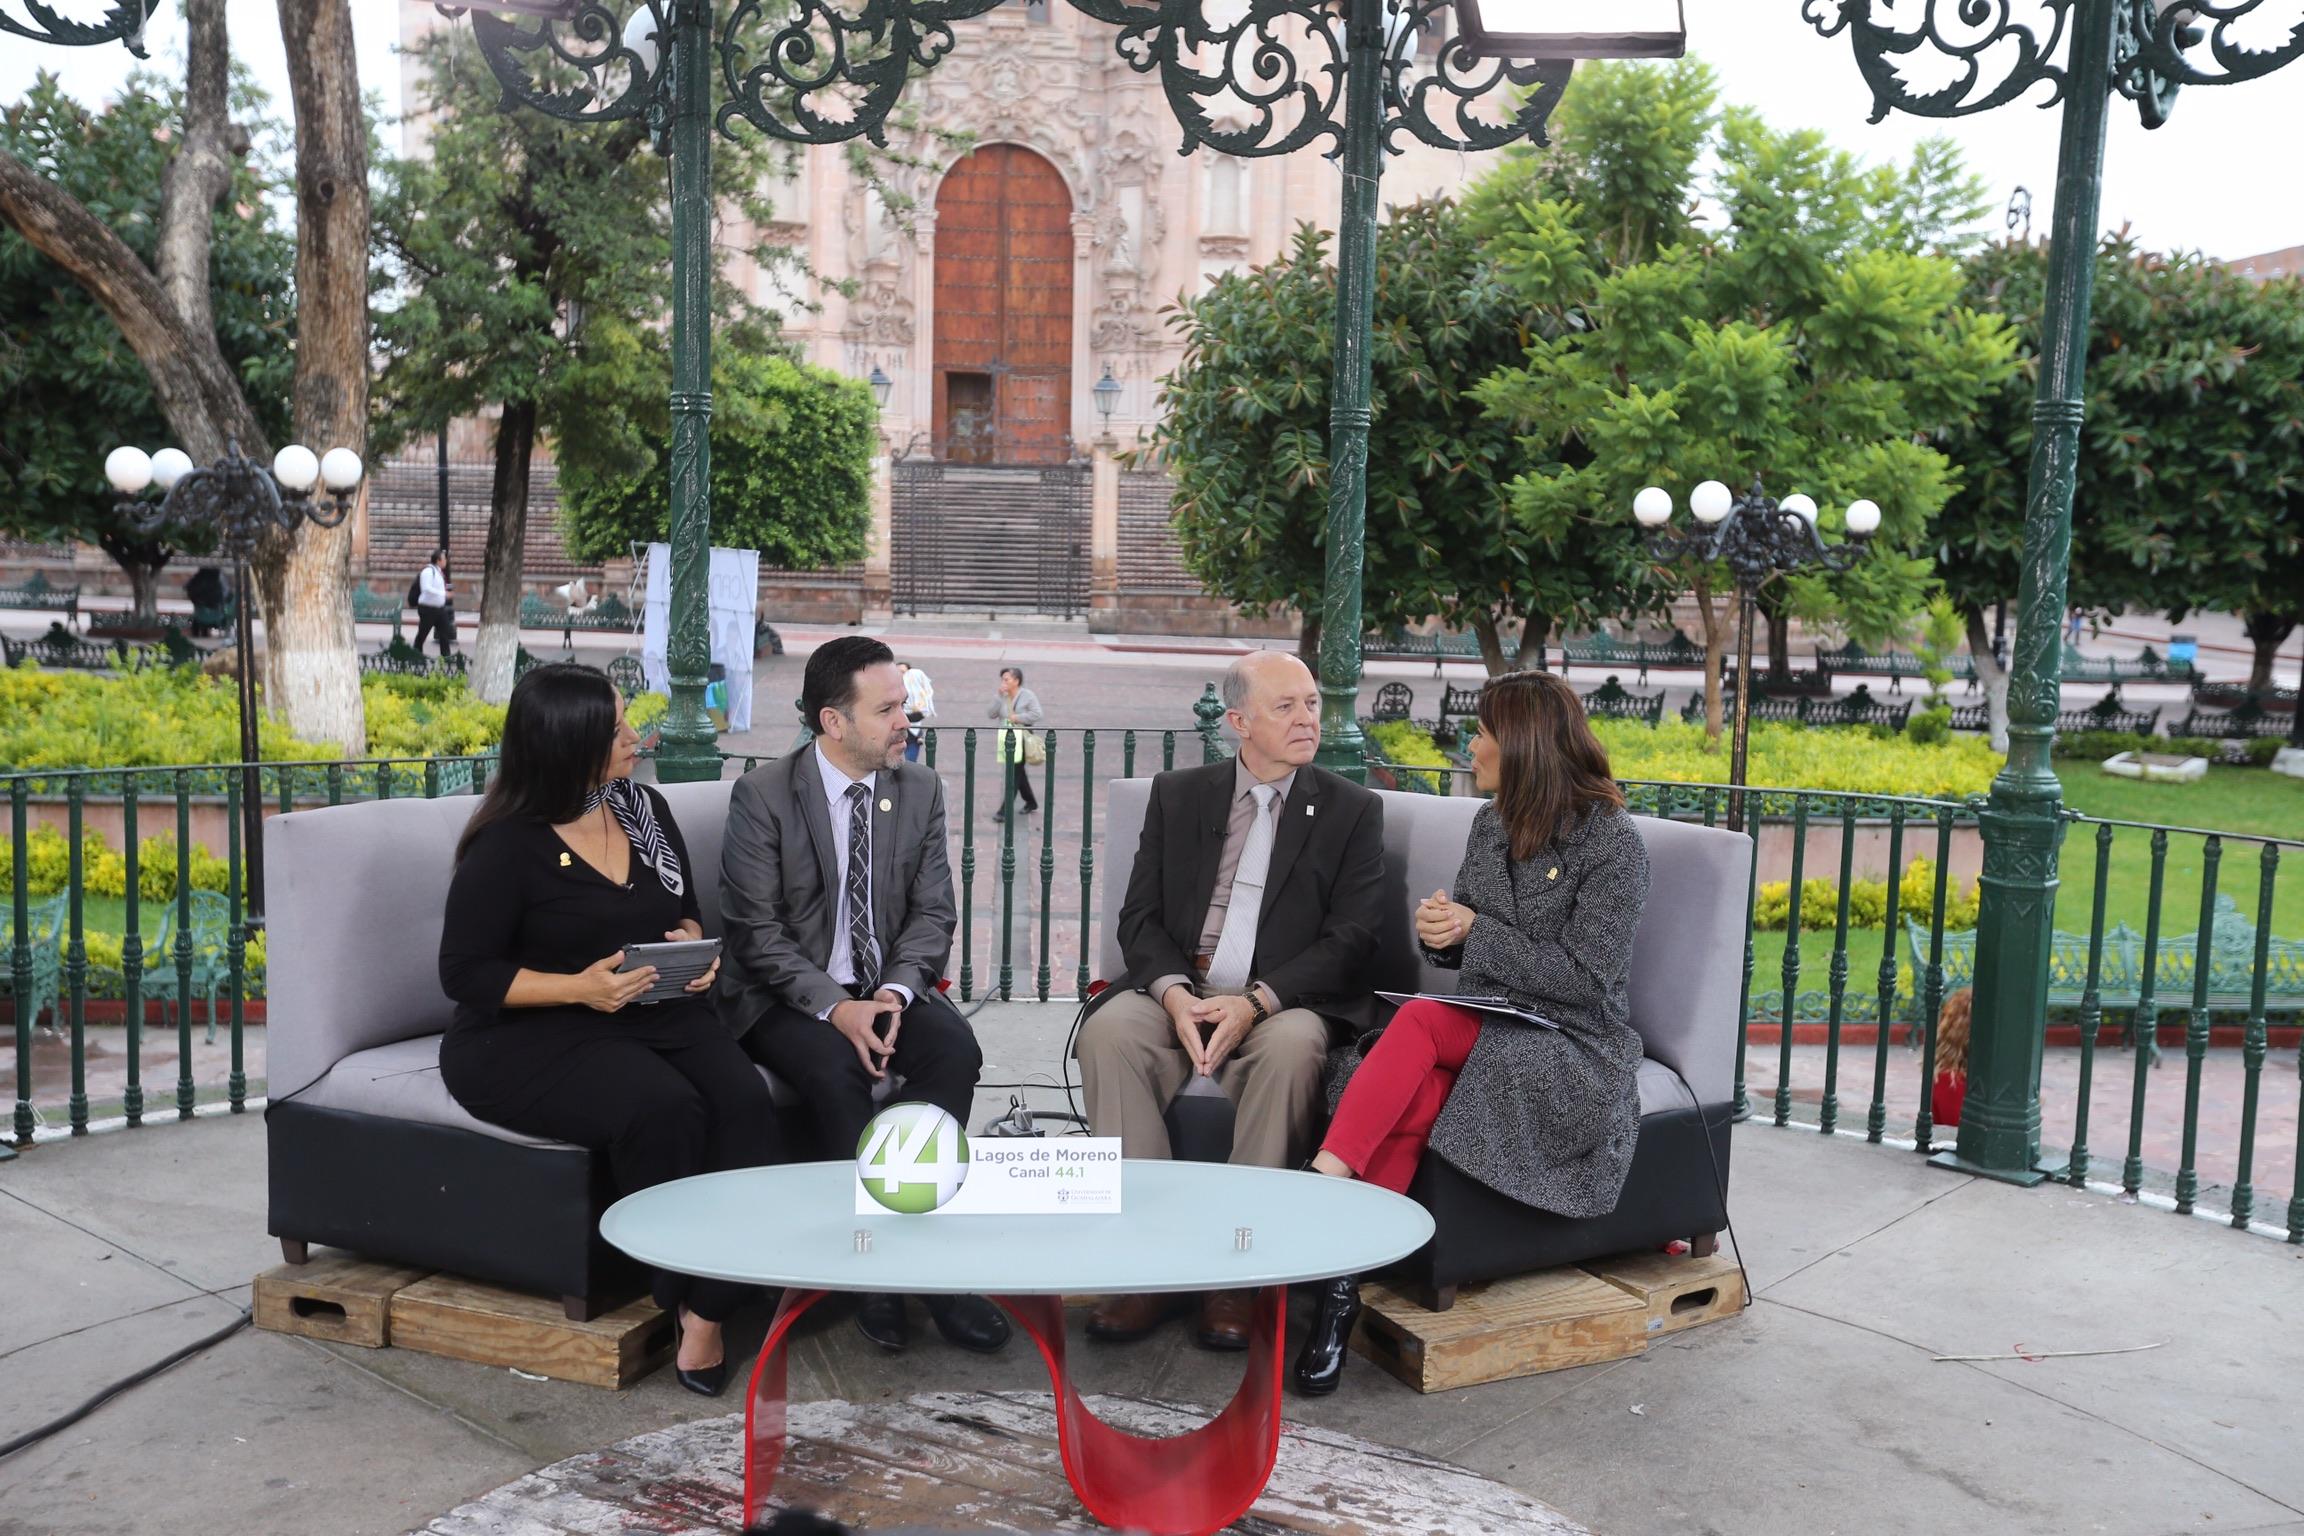 Rector de la UdeG, doctor Miguel Ángel Navarro Navarro, en entrevista para el noticiario Señal informativa, en la plaza principal de Lagos de Moreno